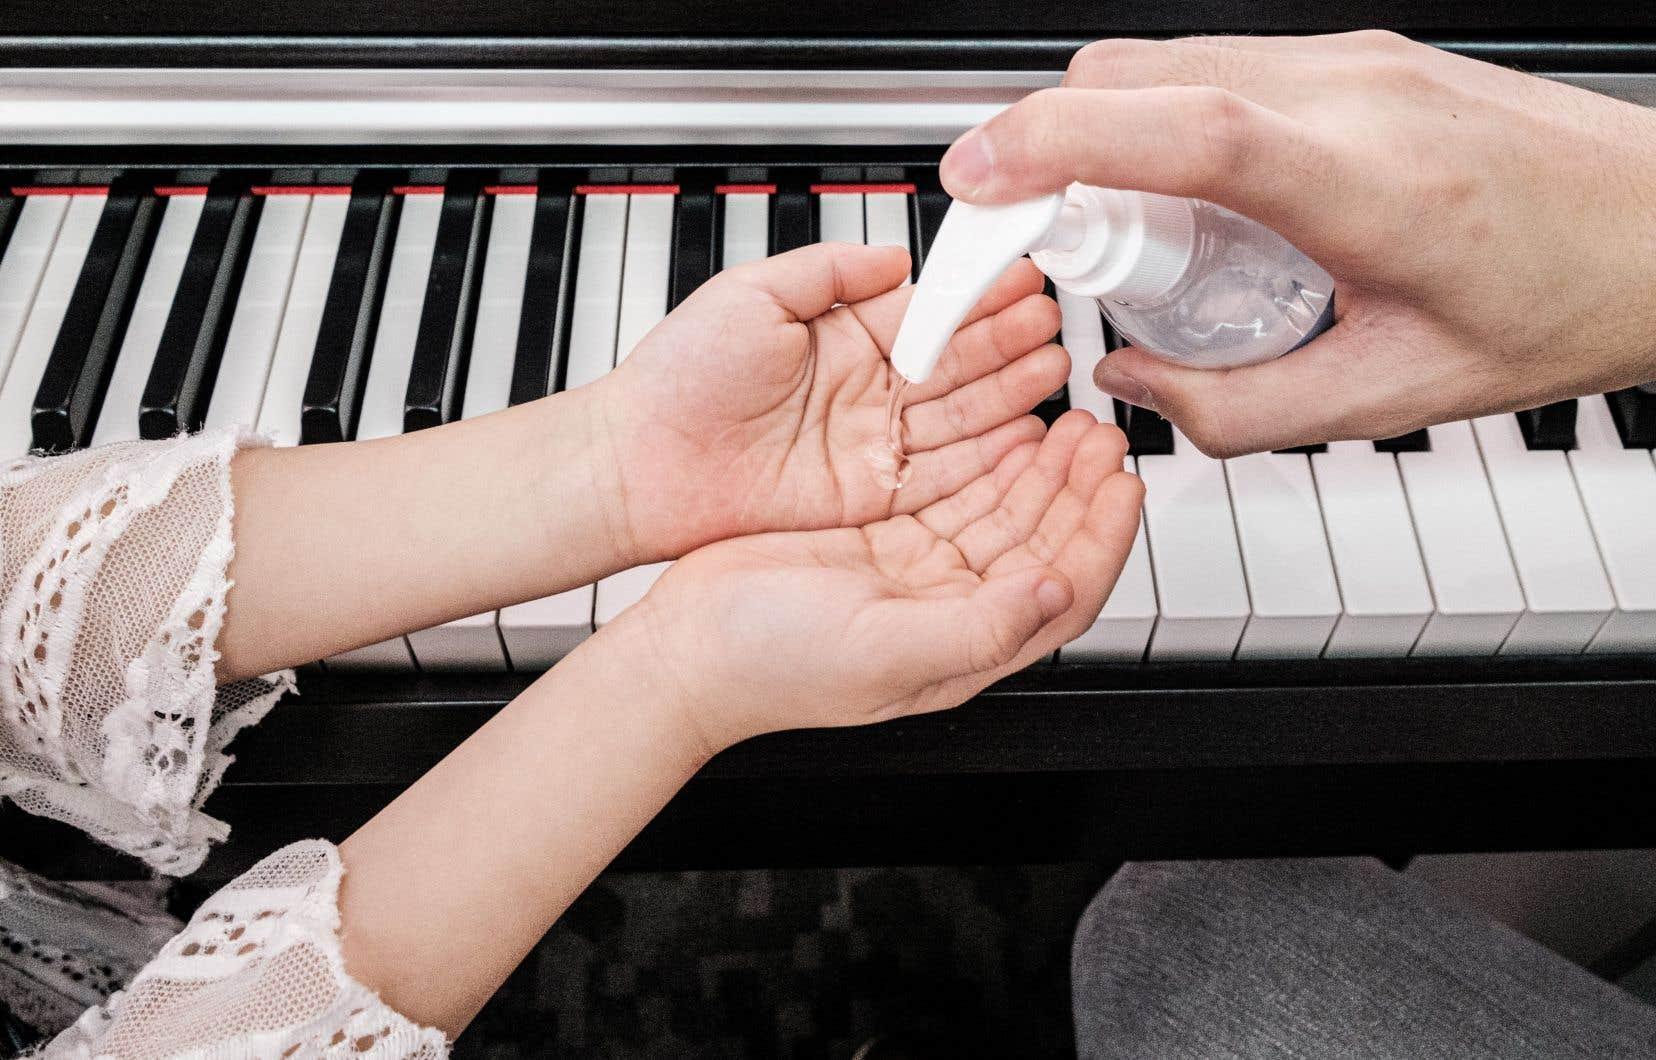 Quatre associations de musiciens demandent l'uniformisation des consignes entre la Direction de santé publique, la Commission des normes, de l'équité, de la santé et de la sécurité du travail et le ministère de l'Éducation «pour permettre une reprise harmonieuse, réaliste et égalitaire de l'enseignement musical».